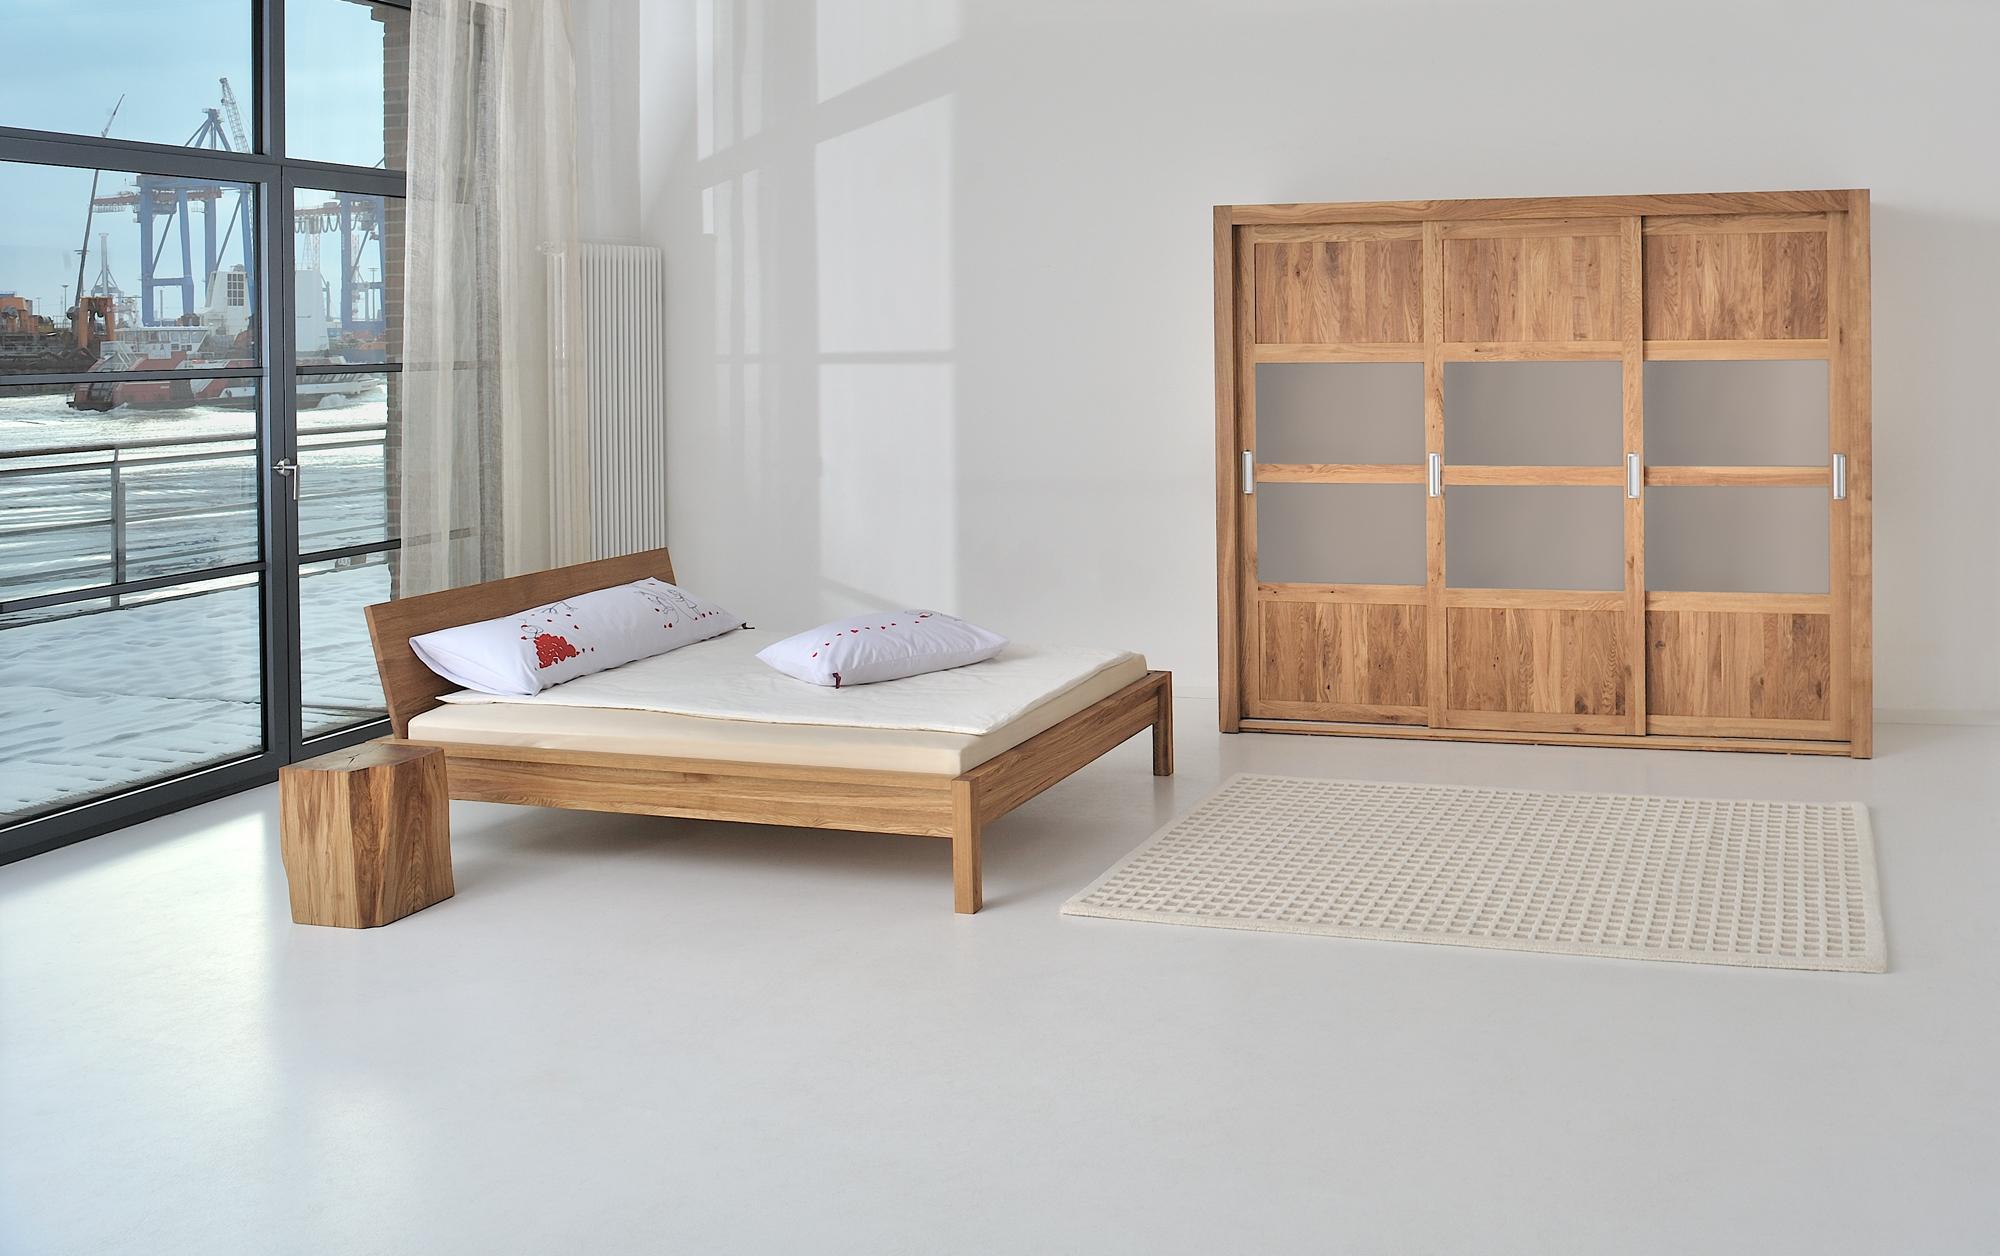 bett mit kleiderschrank. Black Bedroom Furniture Sets. Home Design Ideas